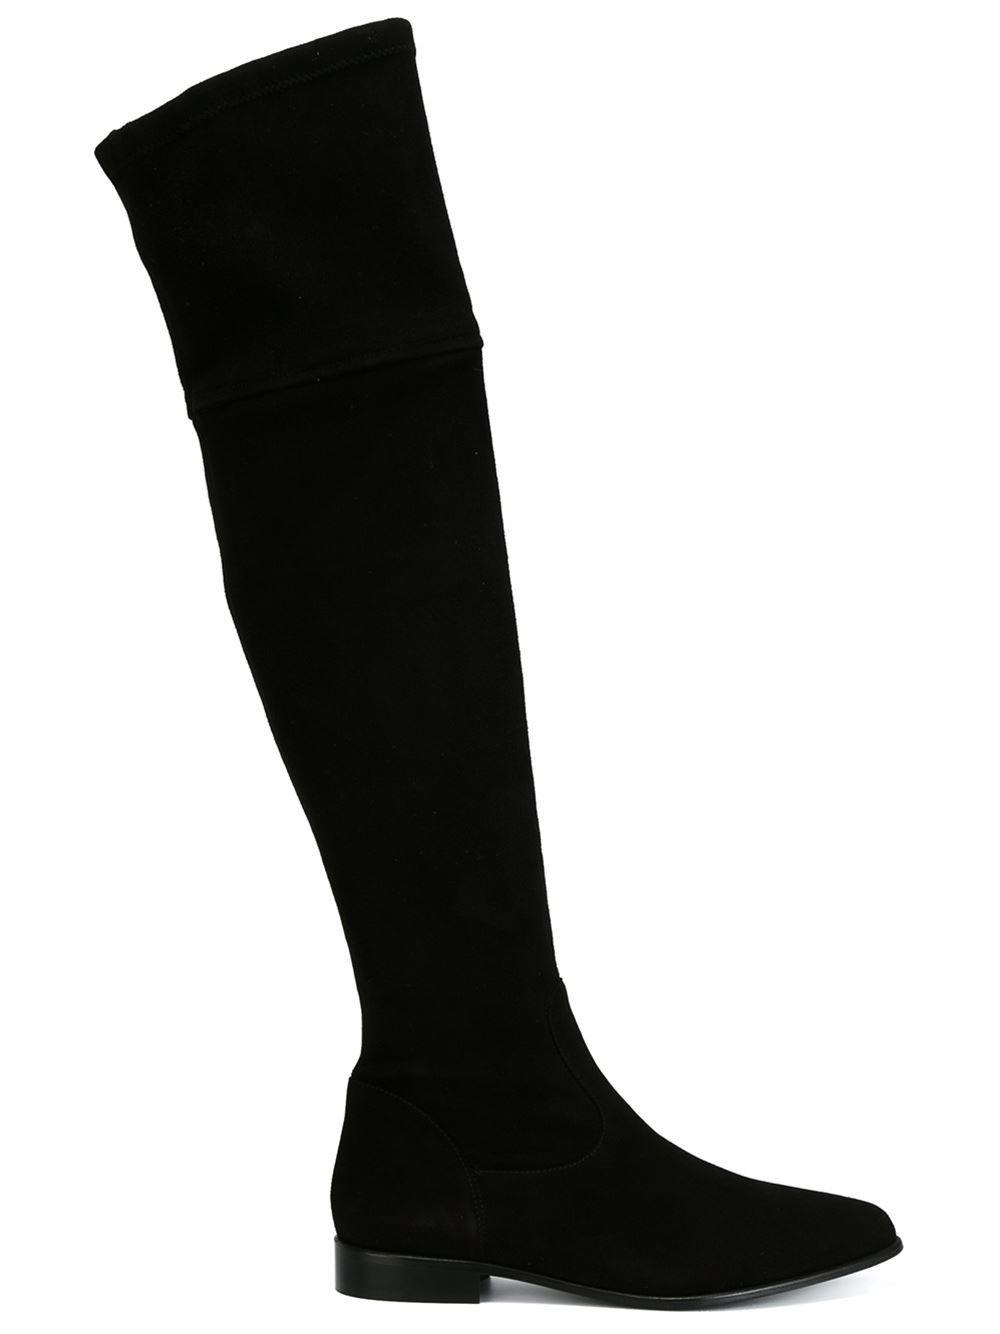 ba9f1826ed Μακριά καστόρινη XL μπότα